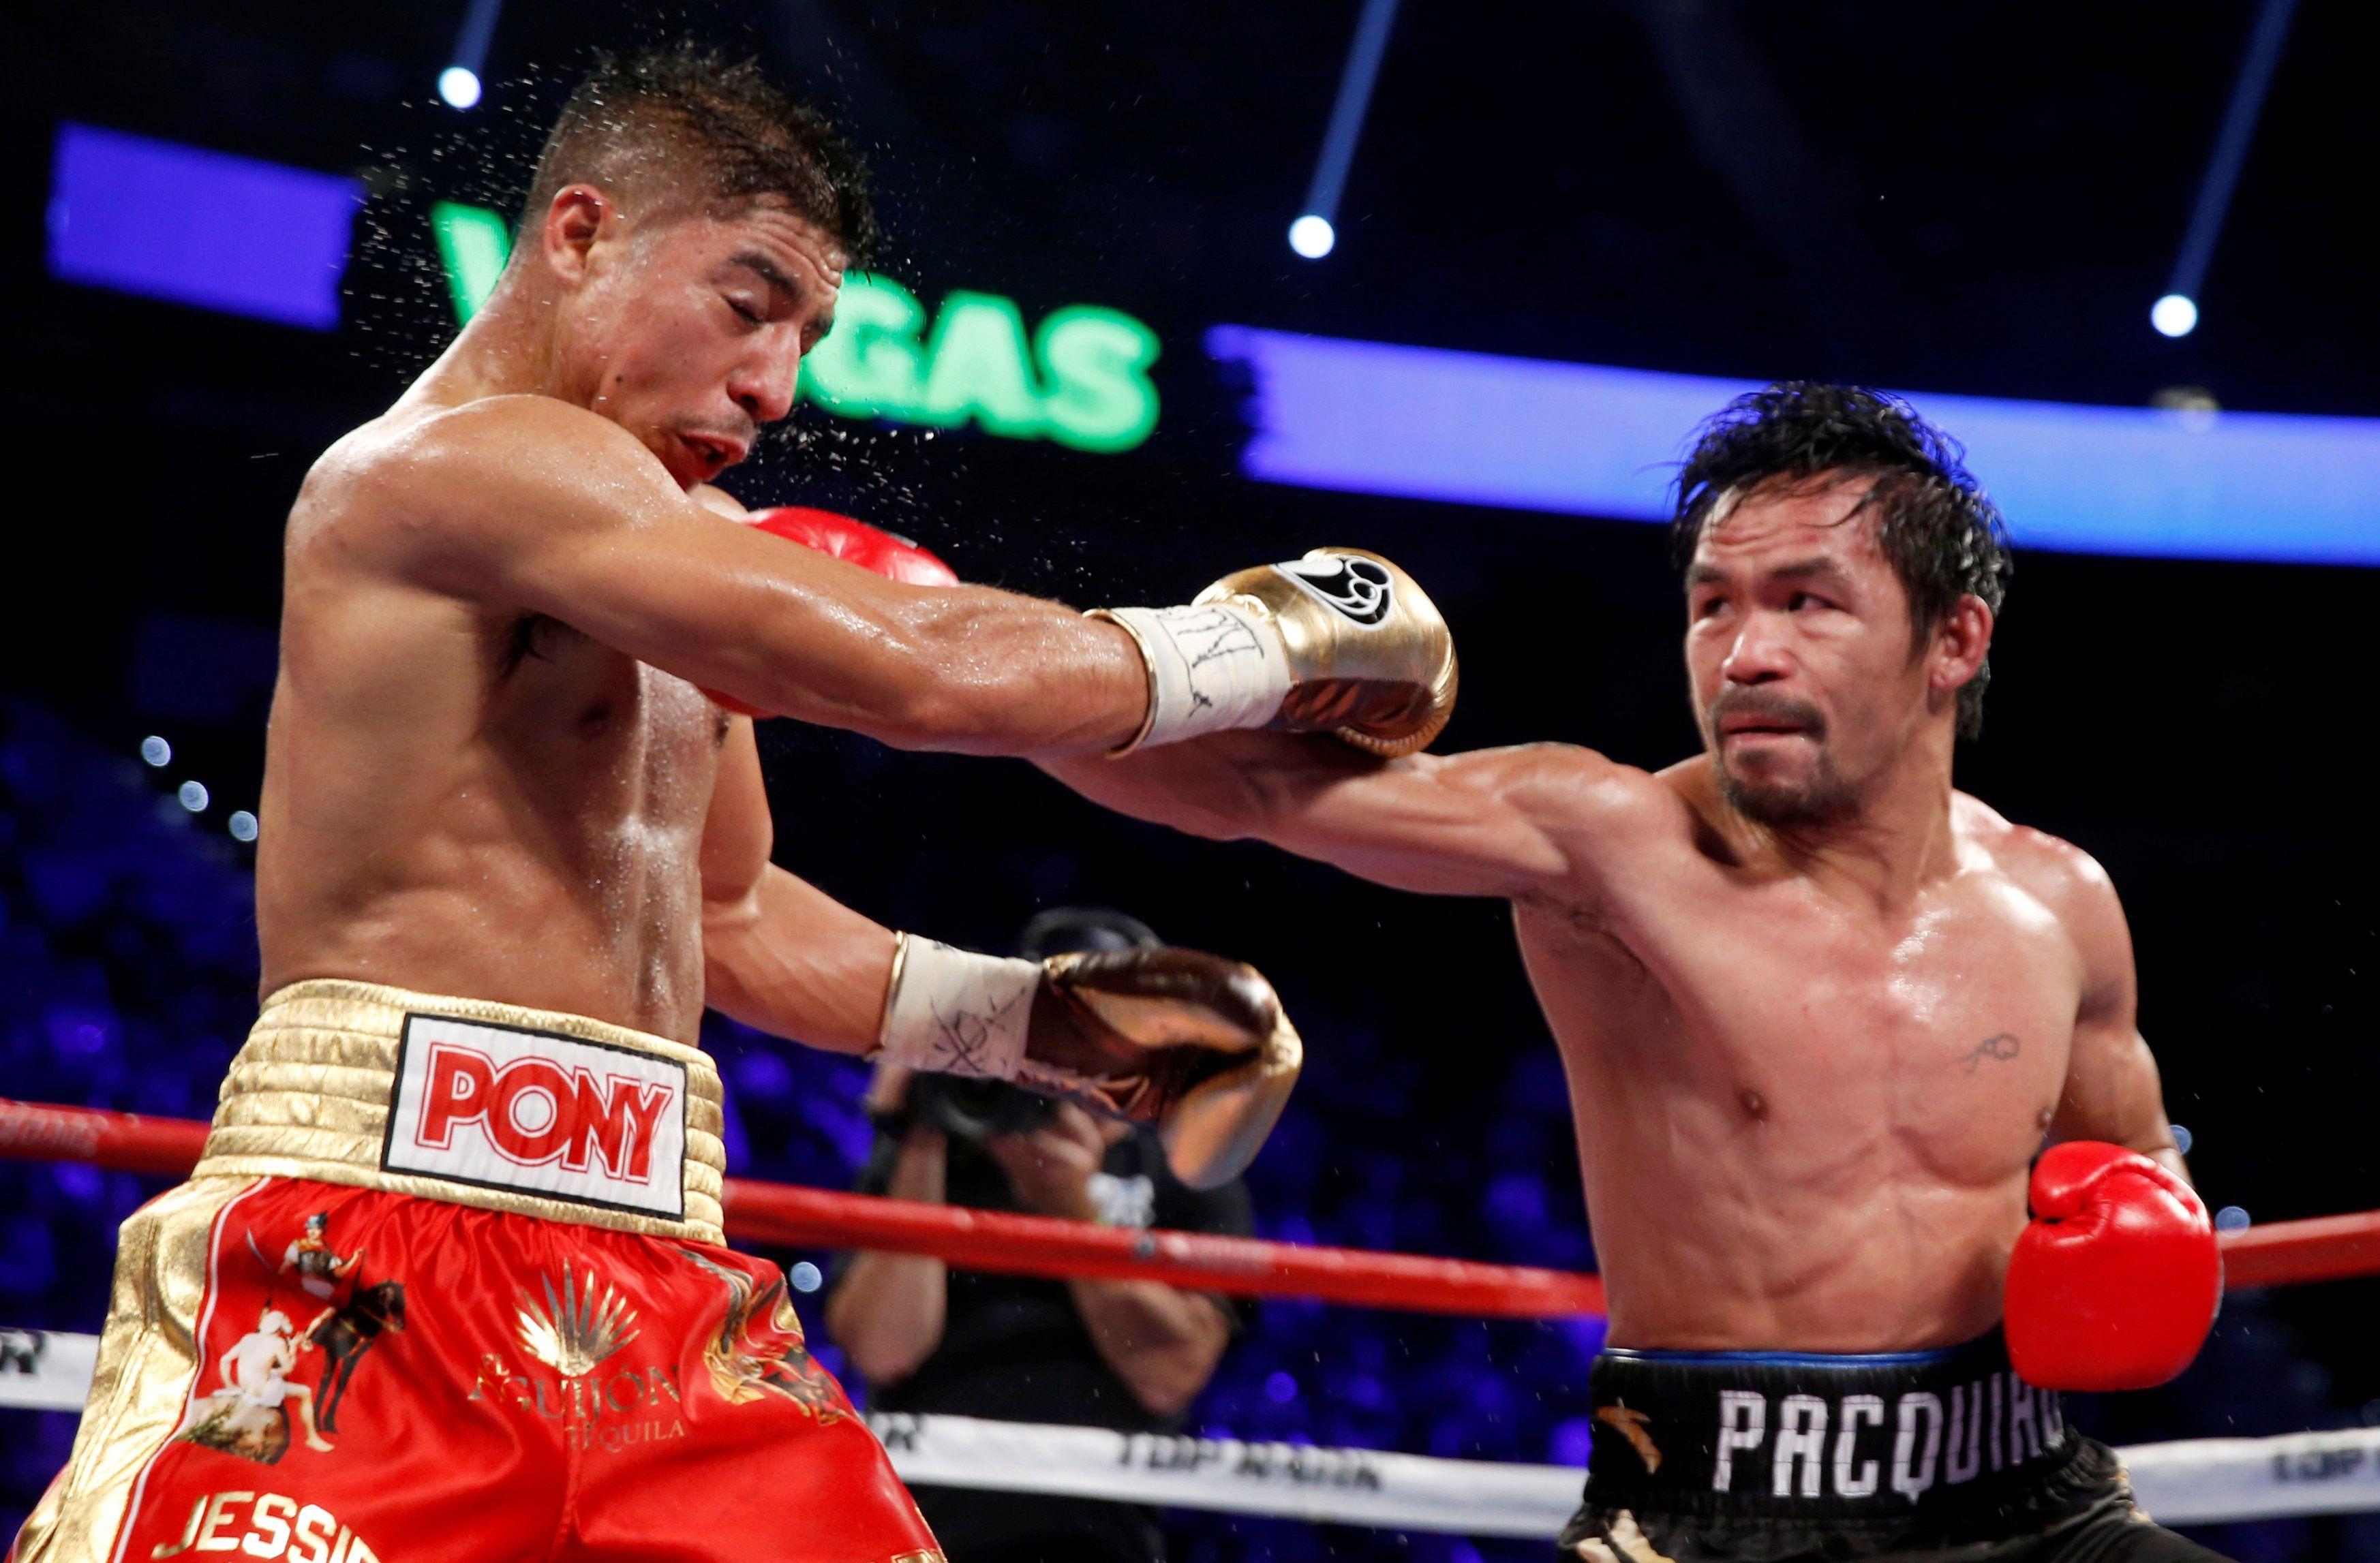 Boxeador Manny Pacquiao arrebata el título welter a Jessie Vargas